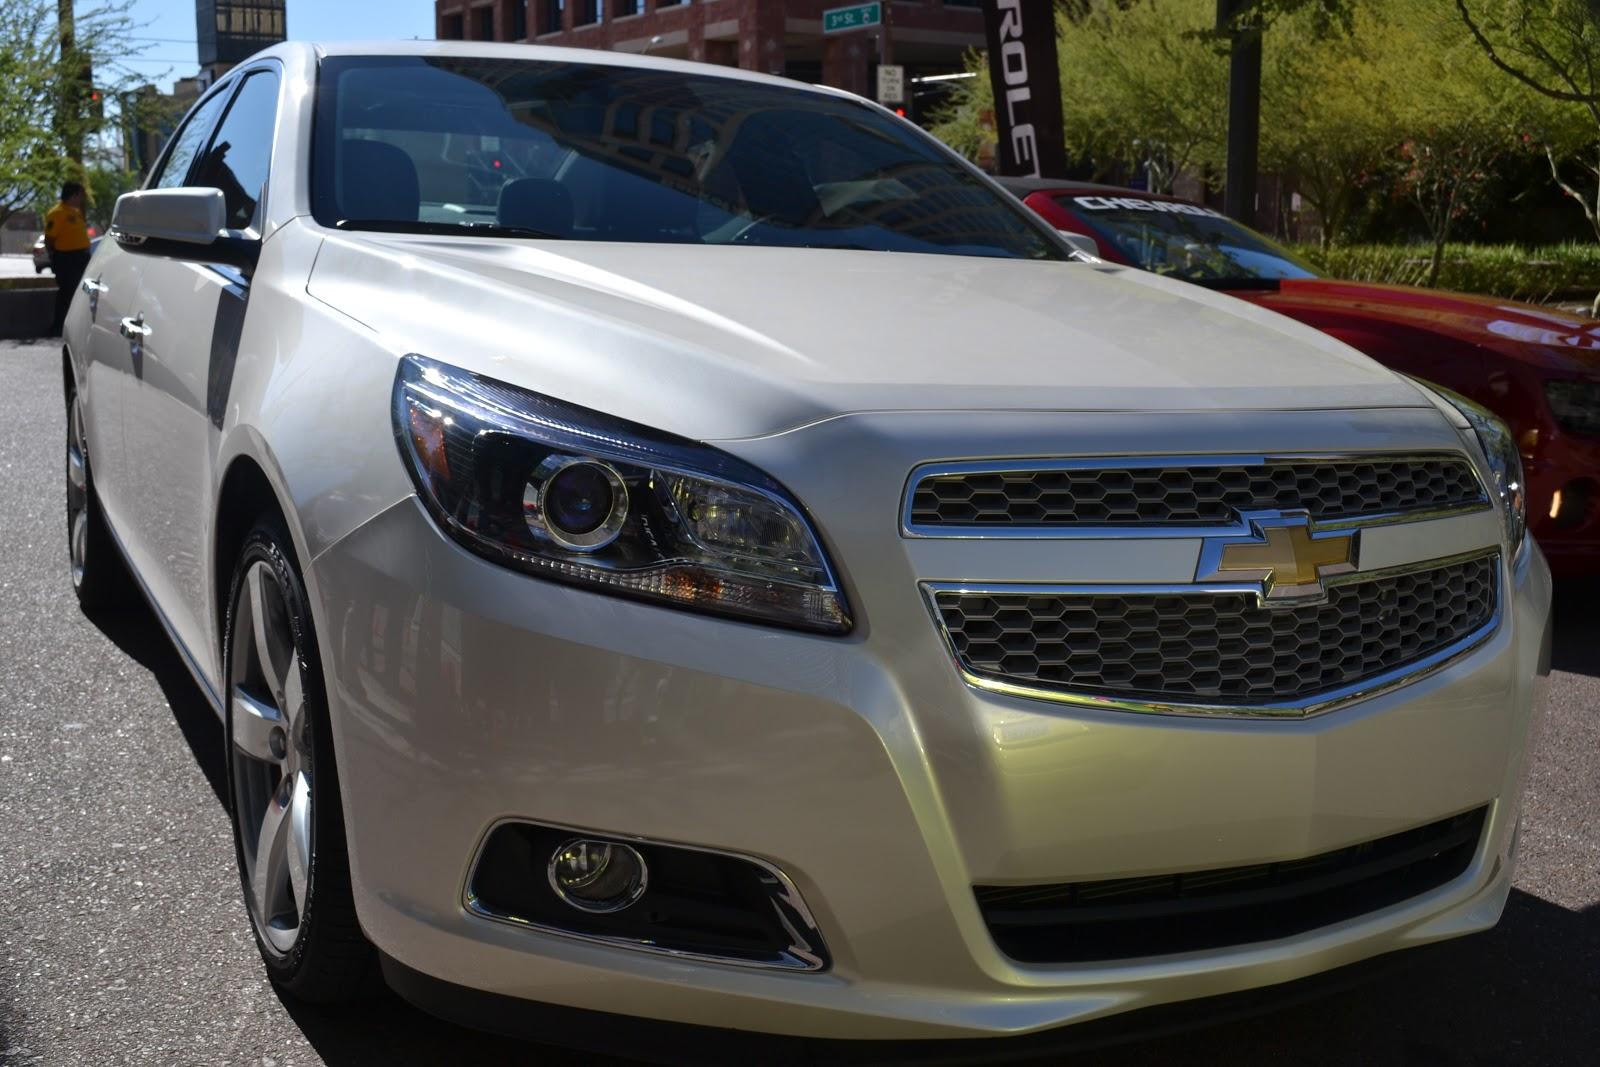 2013 Chevrolet Malibu 2ltz